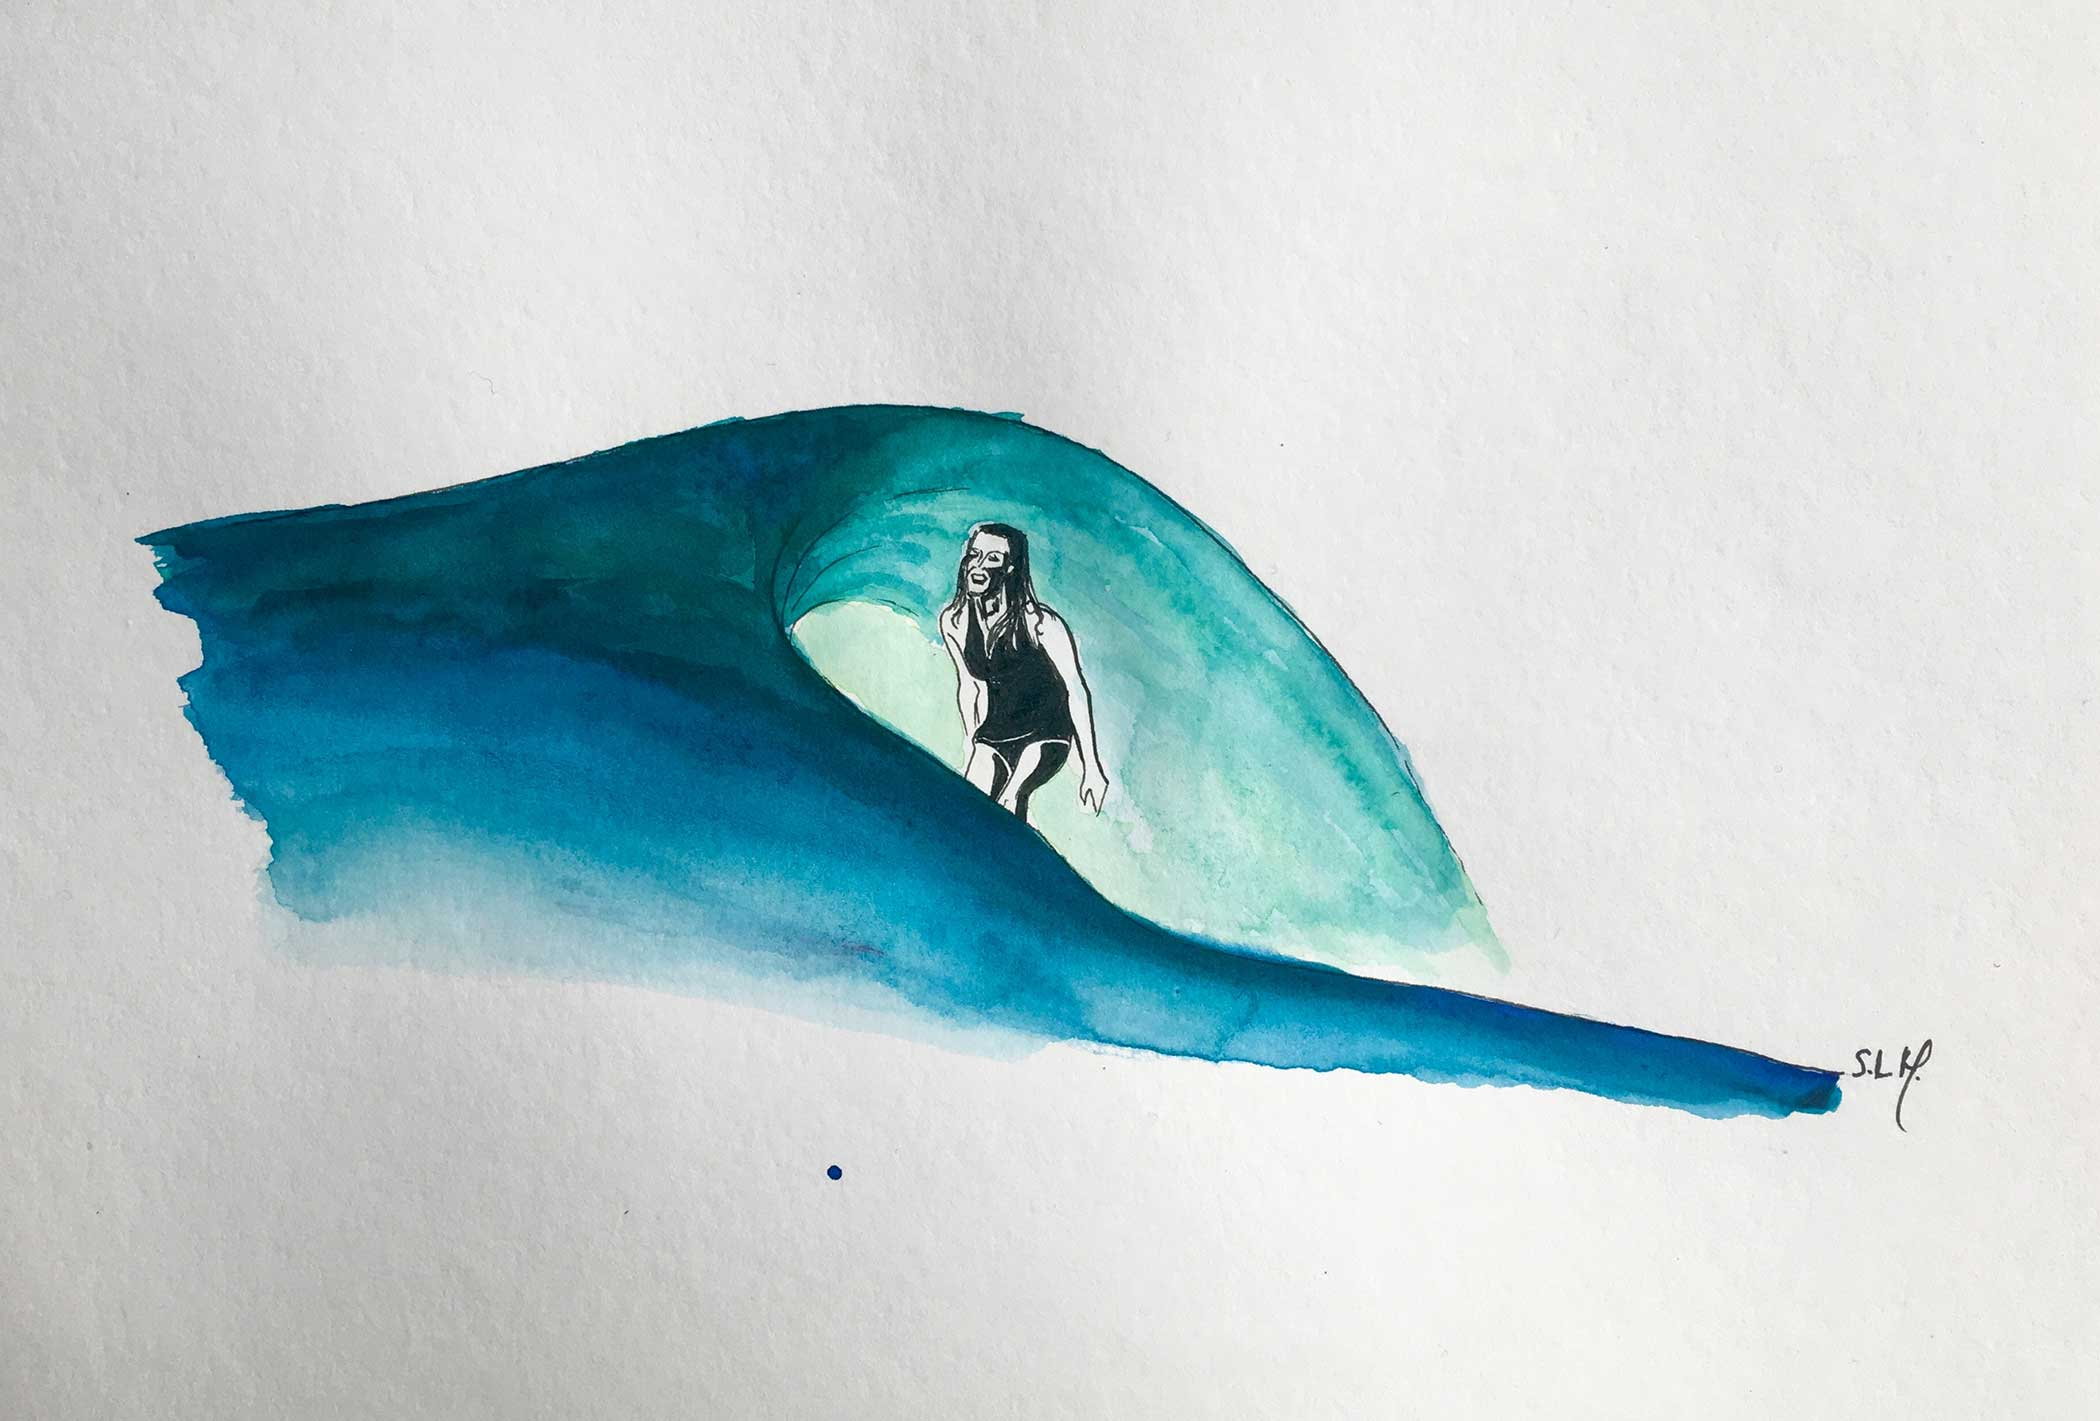 Stephanie Gilmore Encre et Aquarelle sur papier A4 (24cm x 29,7cm) 2018